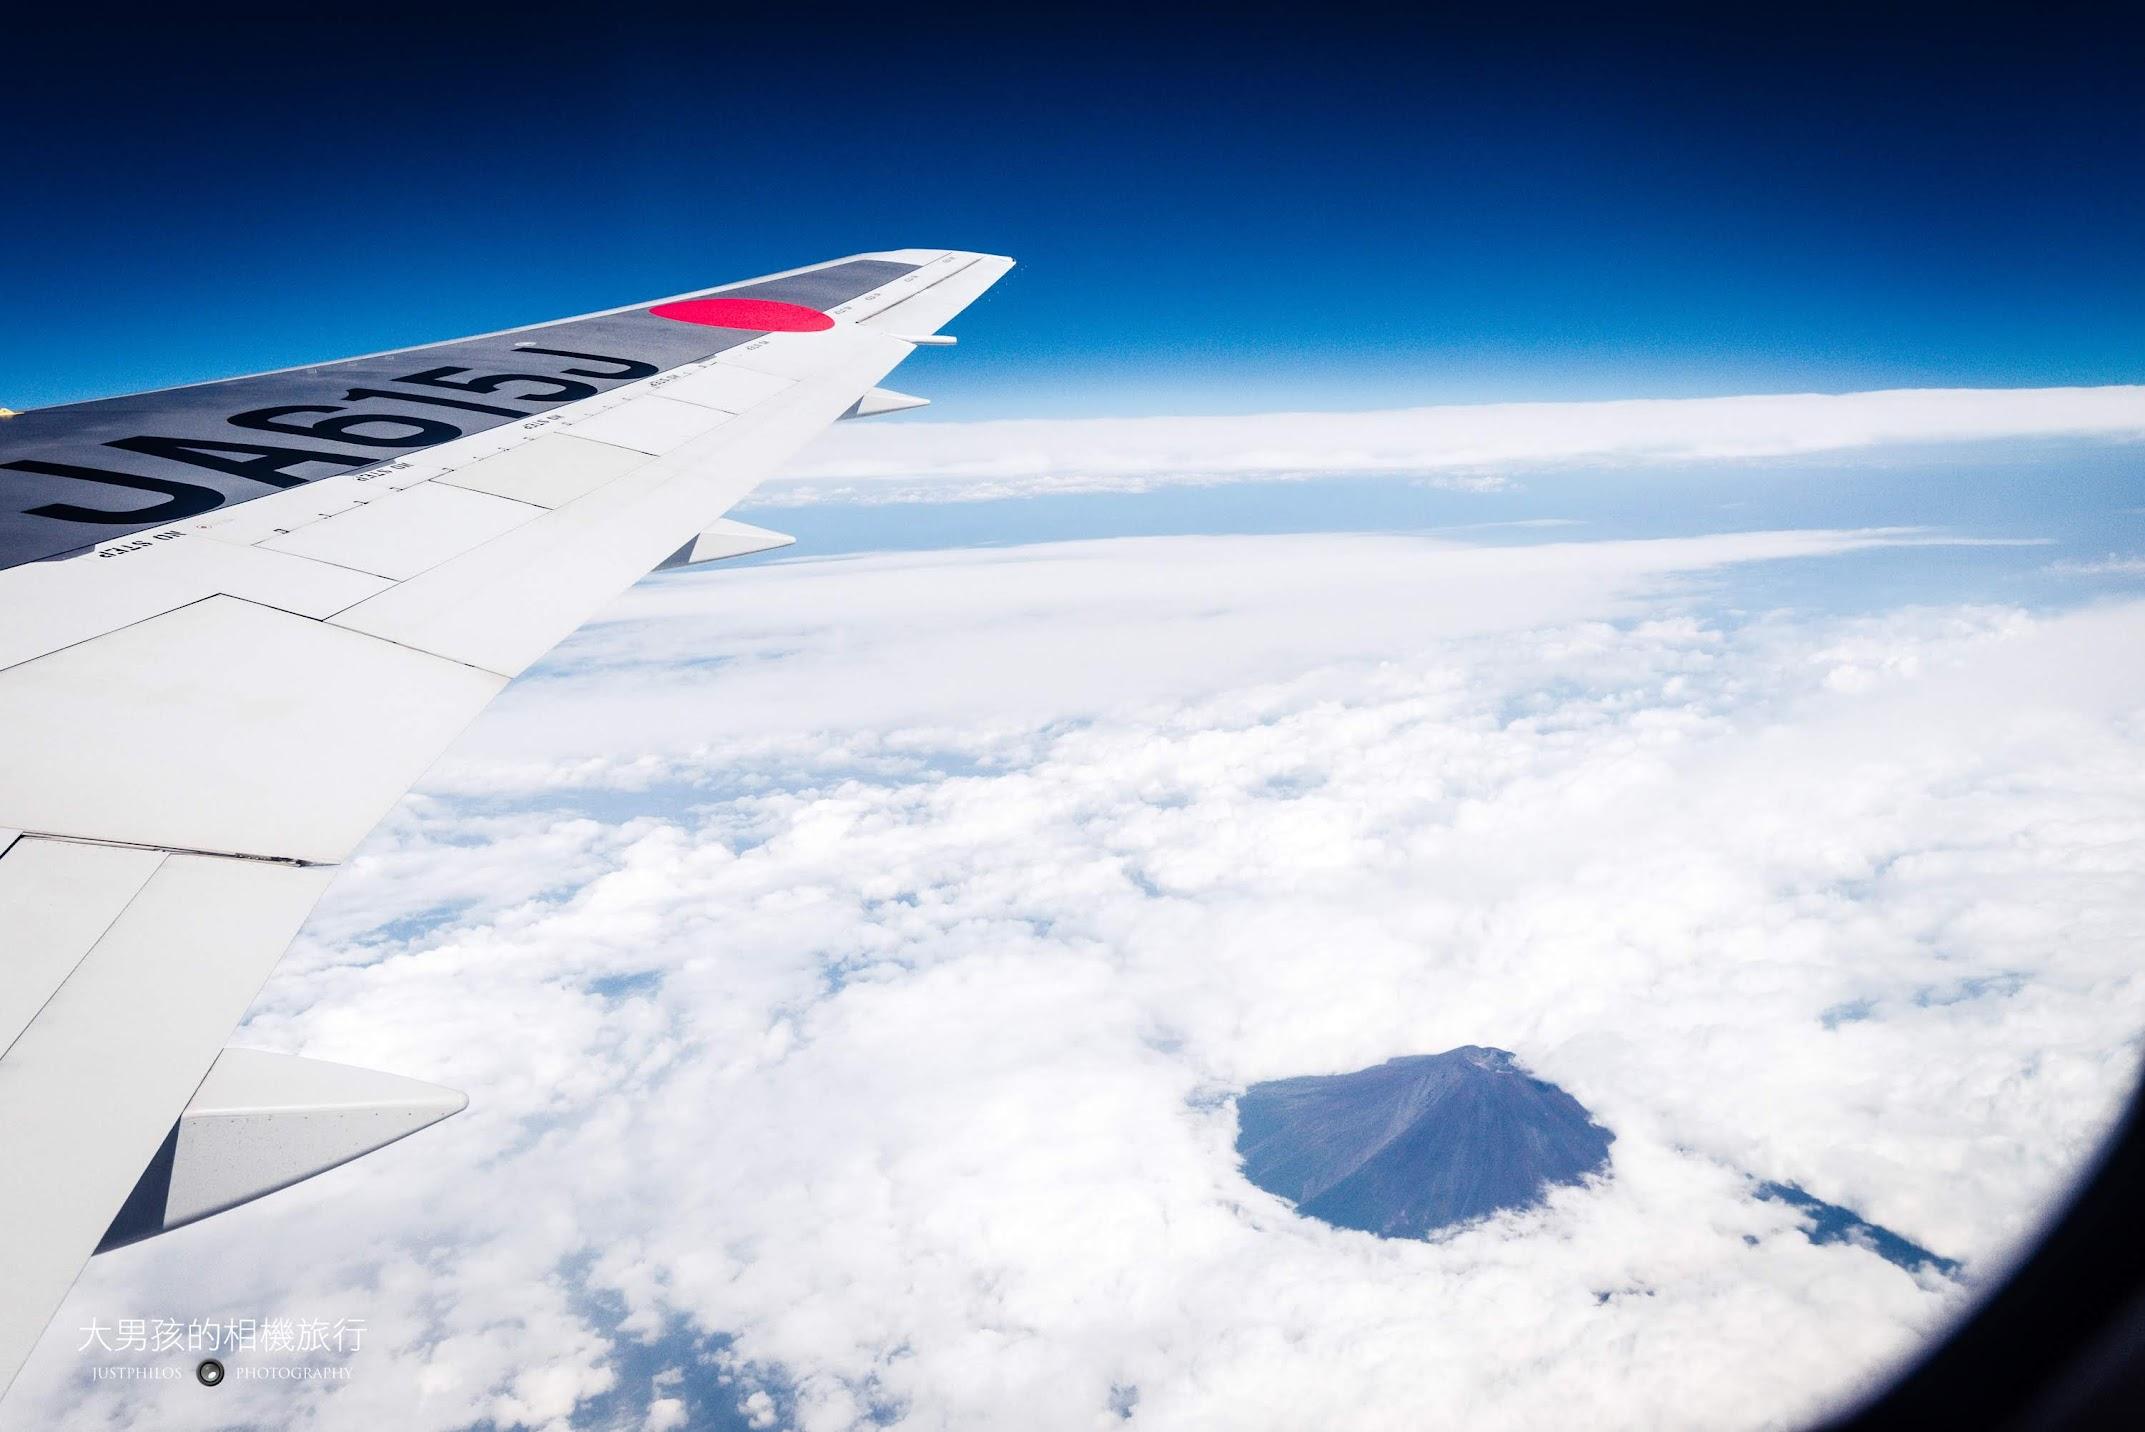 往返東京的航線有機會可以從飛機上看到富士山(圖為2015搭乘紀錄的照片)。